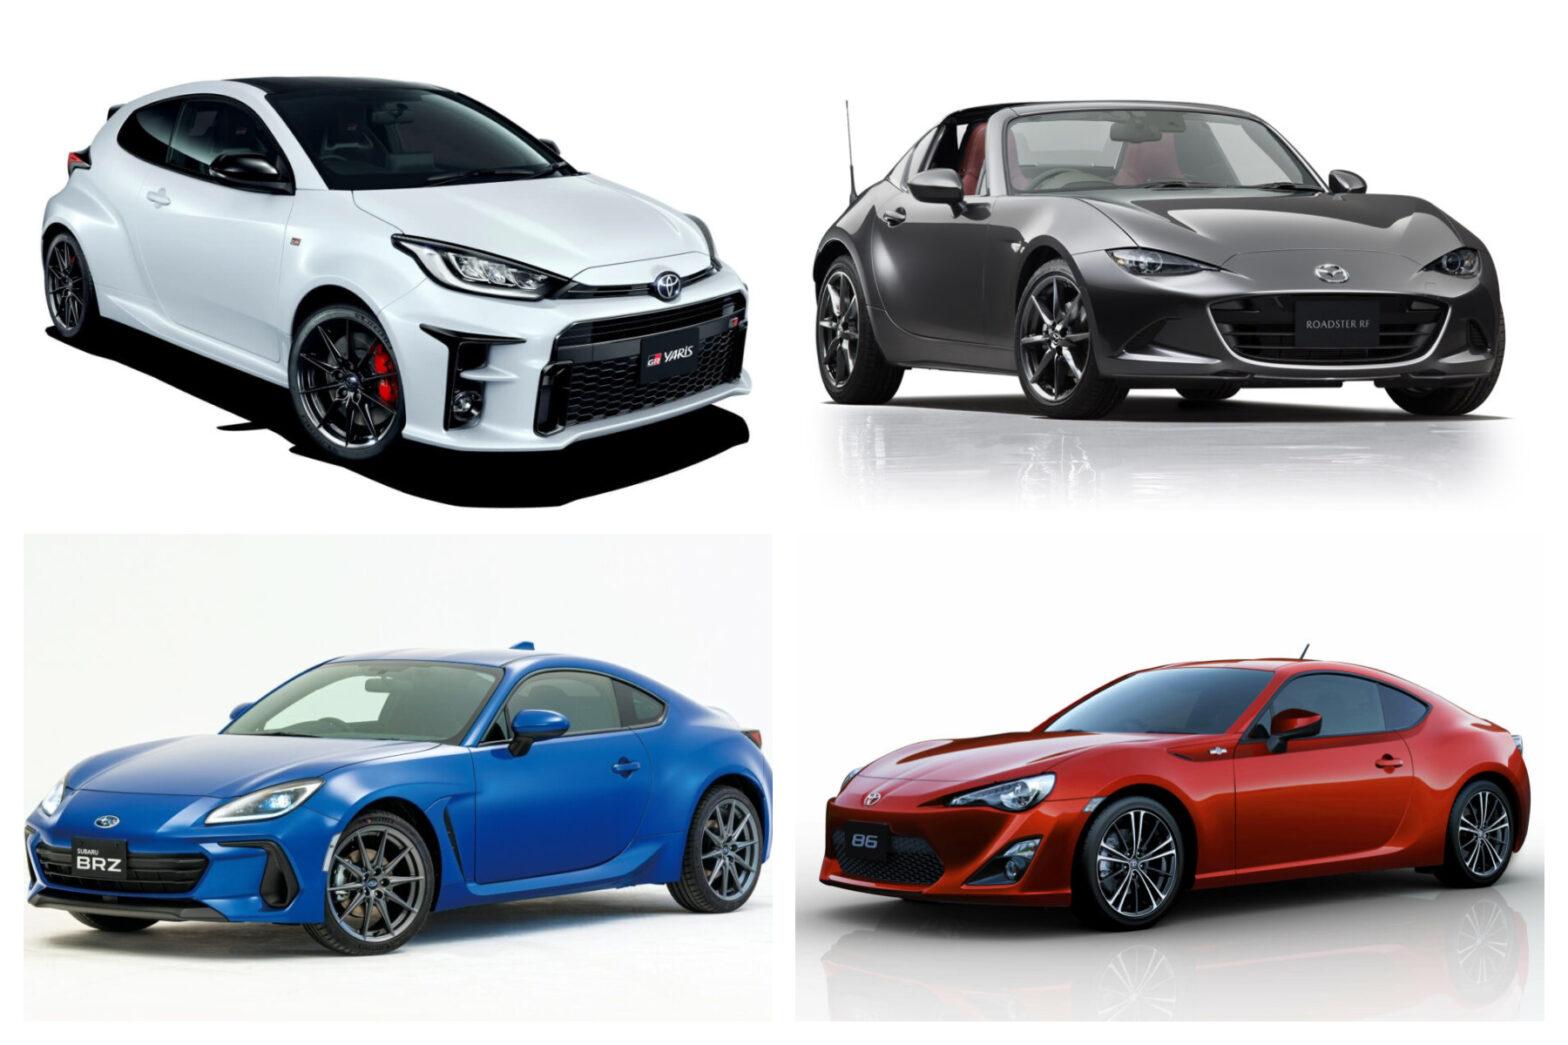 国産スポーツカー・オープンカー全車種おすすめ人気ランキング!世界で人気の名車